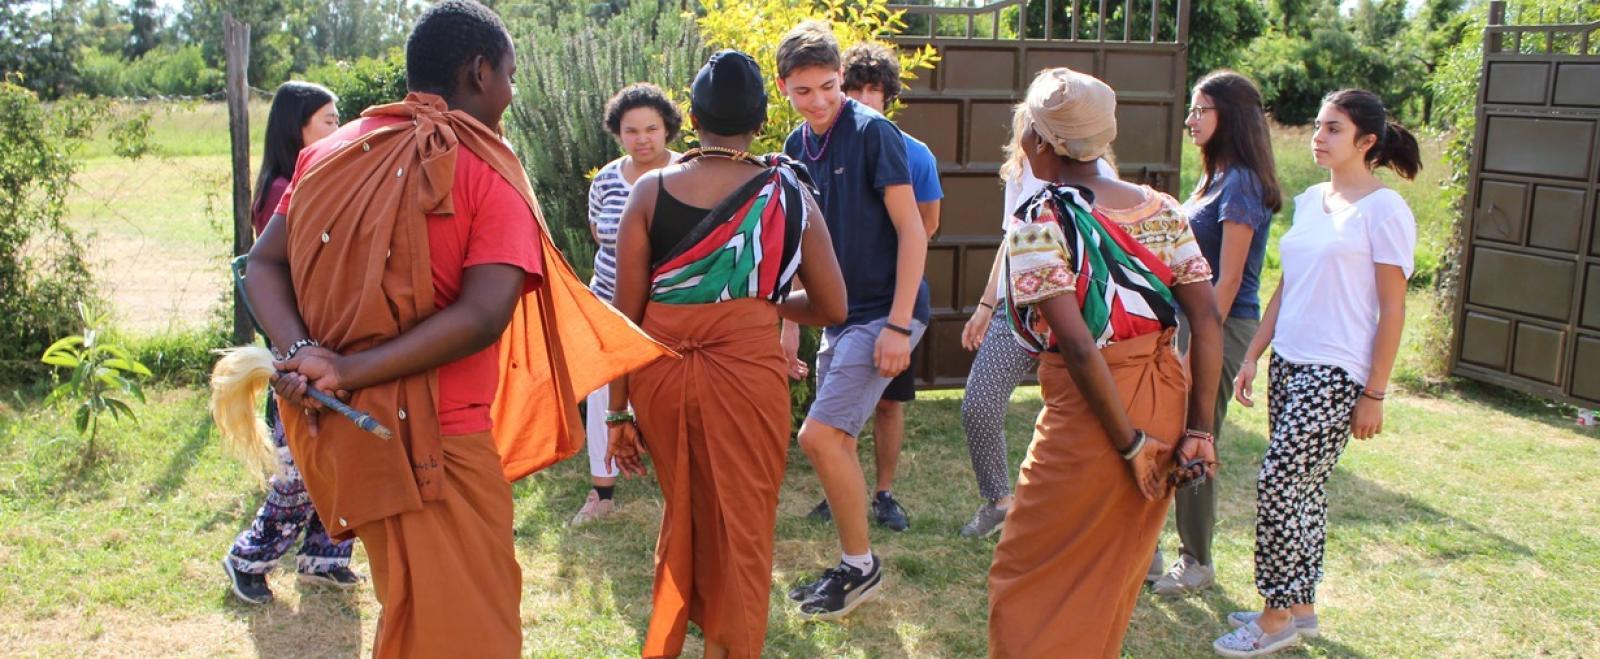 Voluntarios aprendiendo una danza tradicional de Kenia.